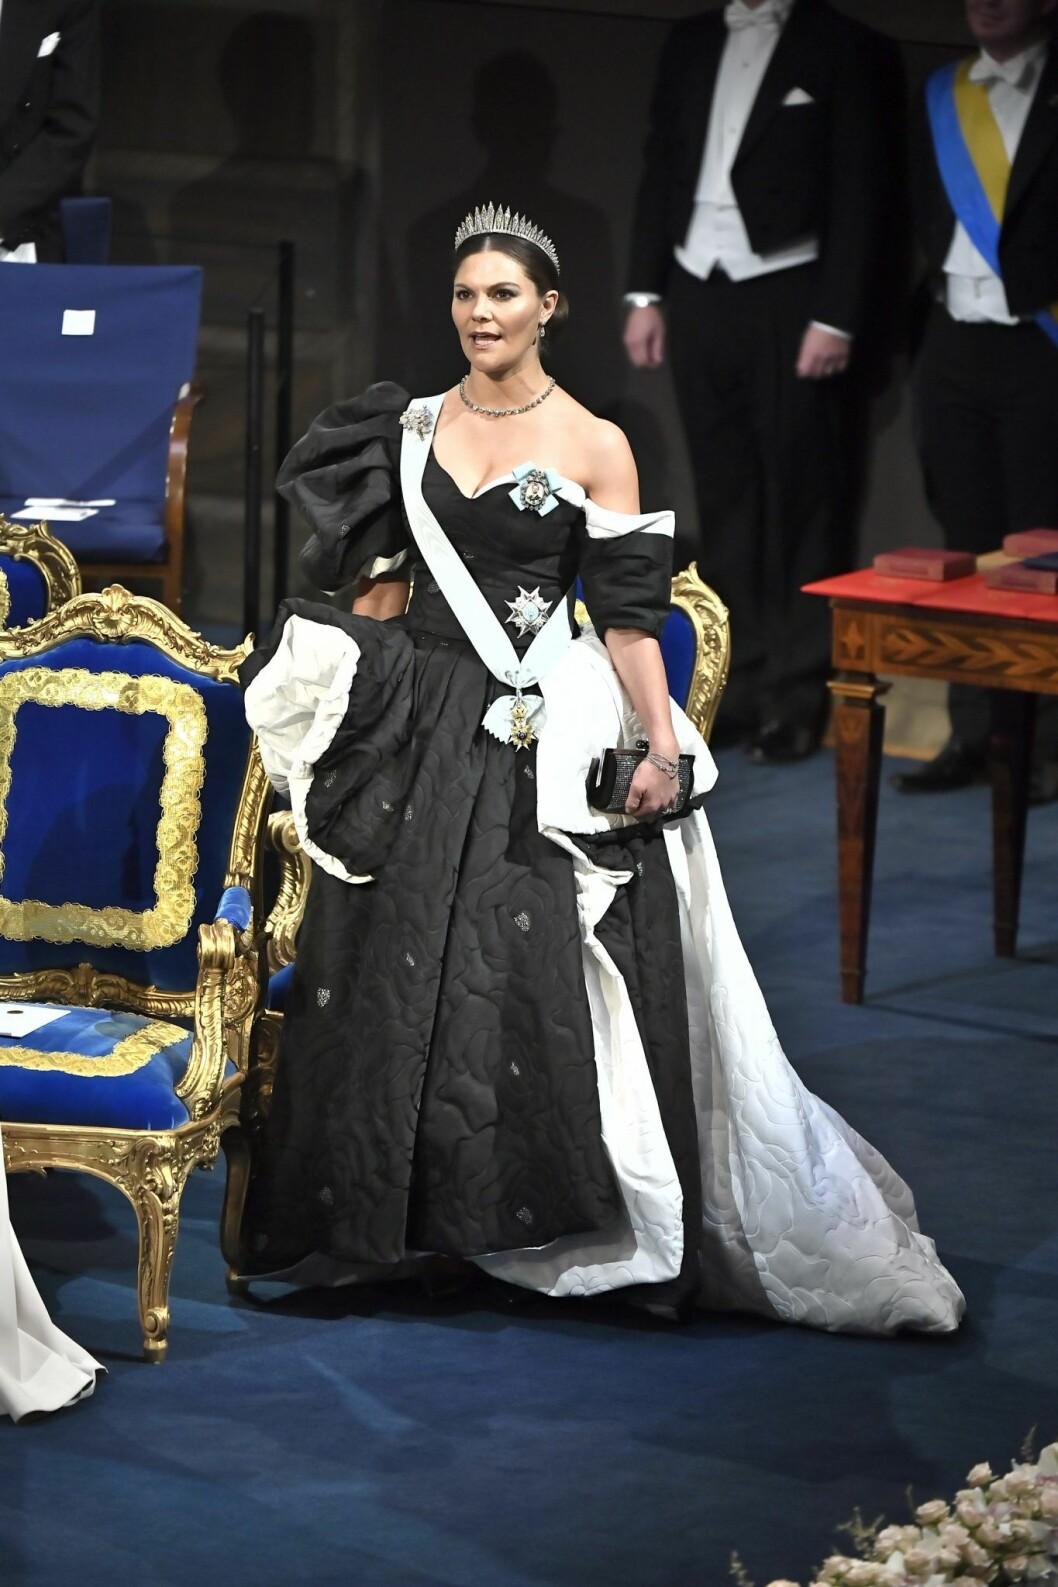 Victorias nobelklänning 2019 designad av Selam Fessahaye